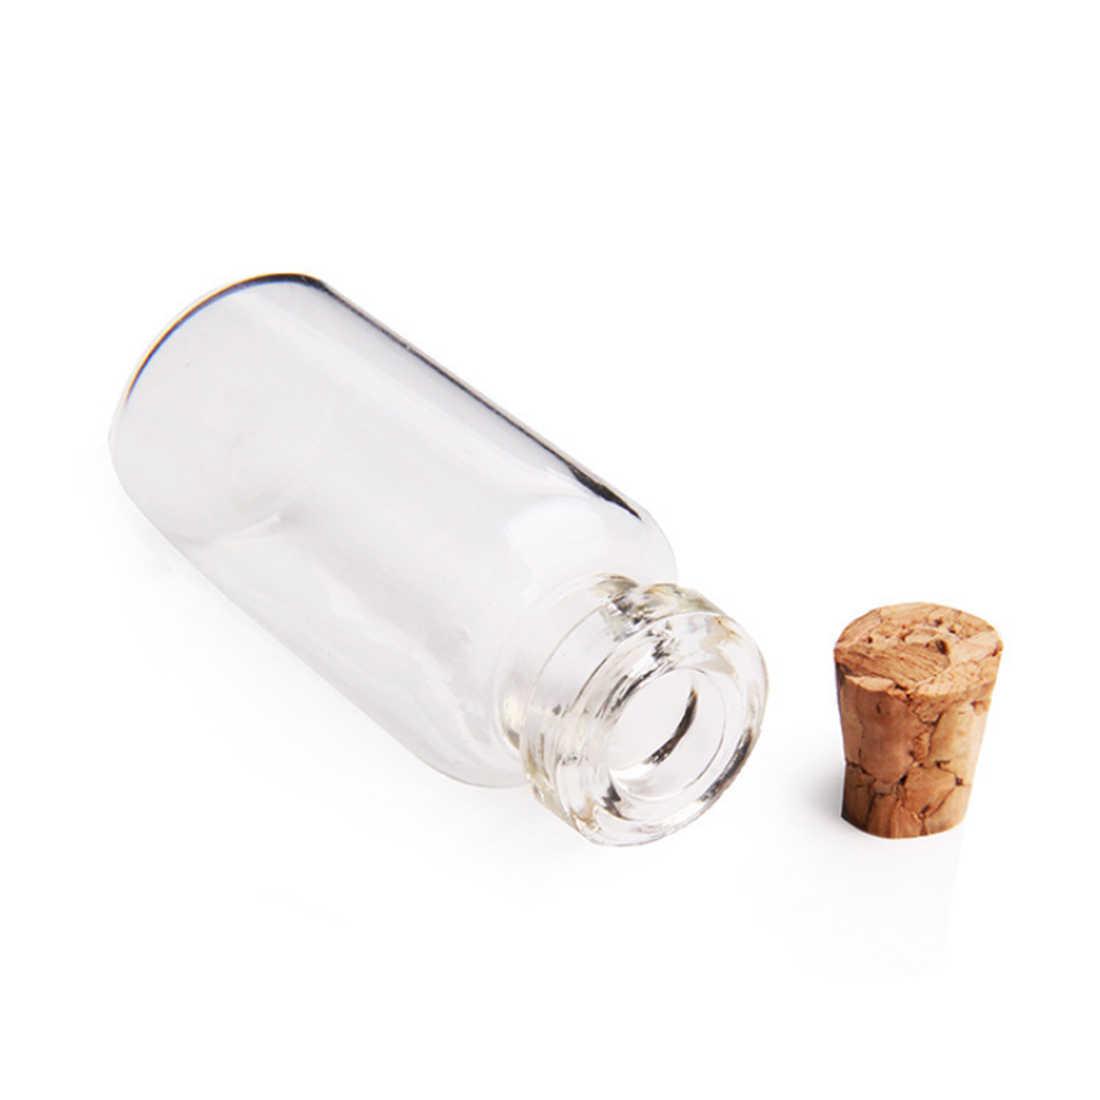 50 Uds 18X40mm 5 mini vaso de ML botellas frascos de muestra vacíos con tapones de corcho para decoración Diy manualidades hogar transparente